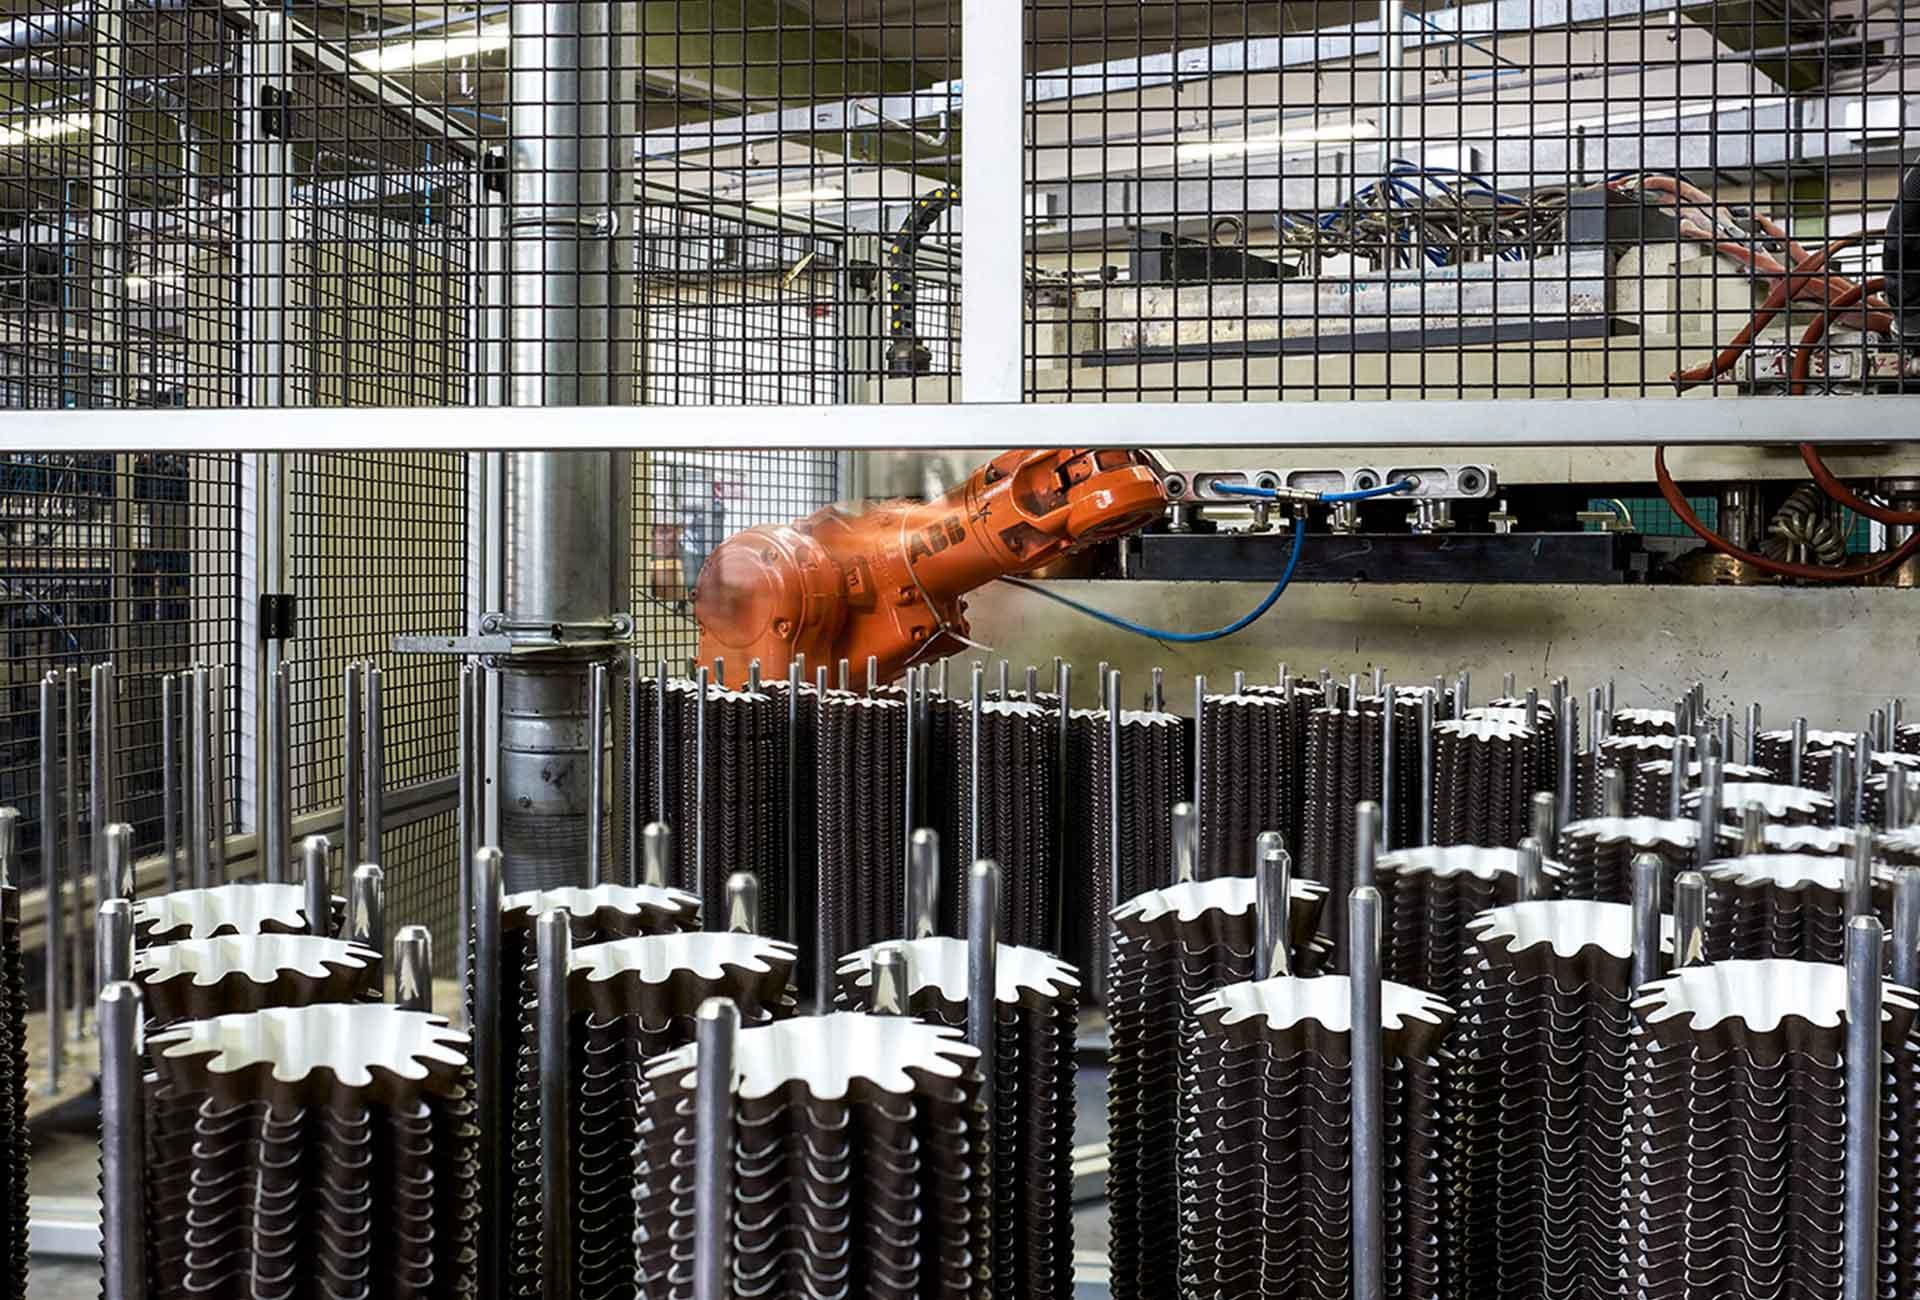 Techno Papier production site